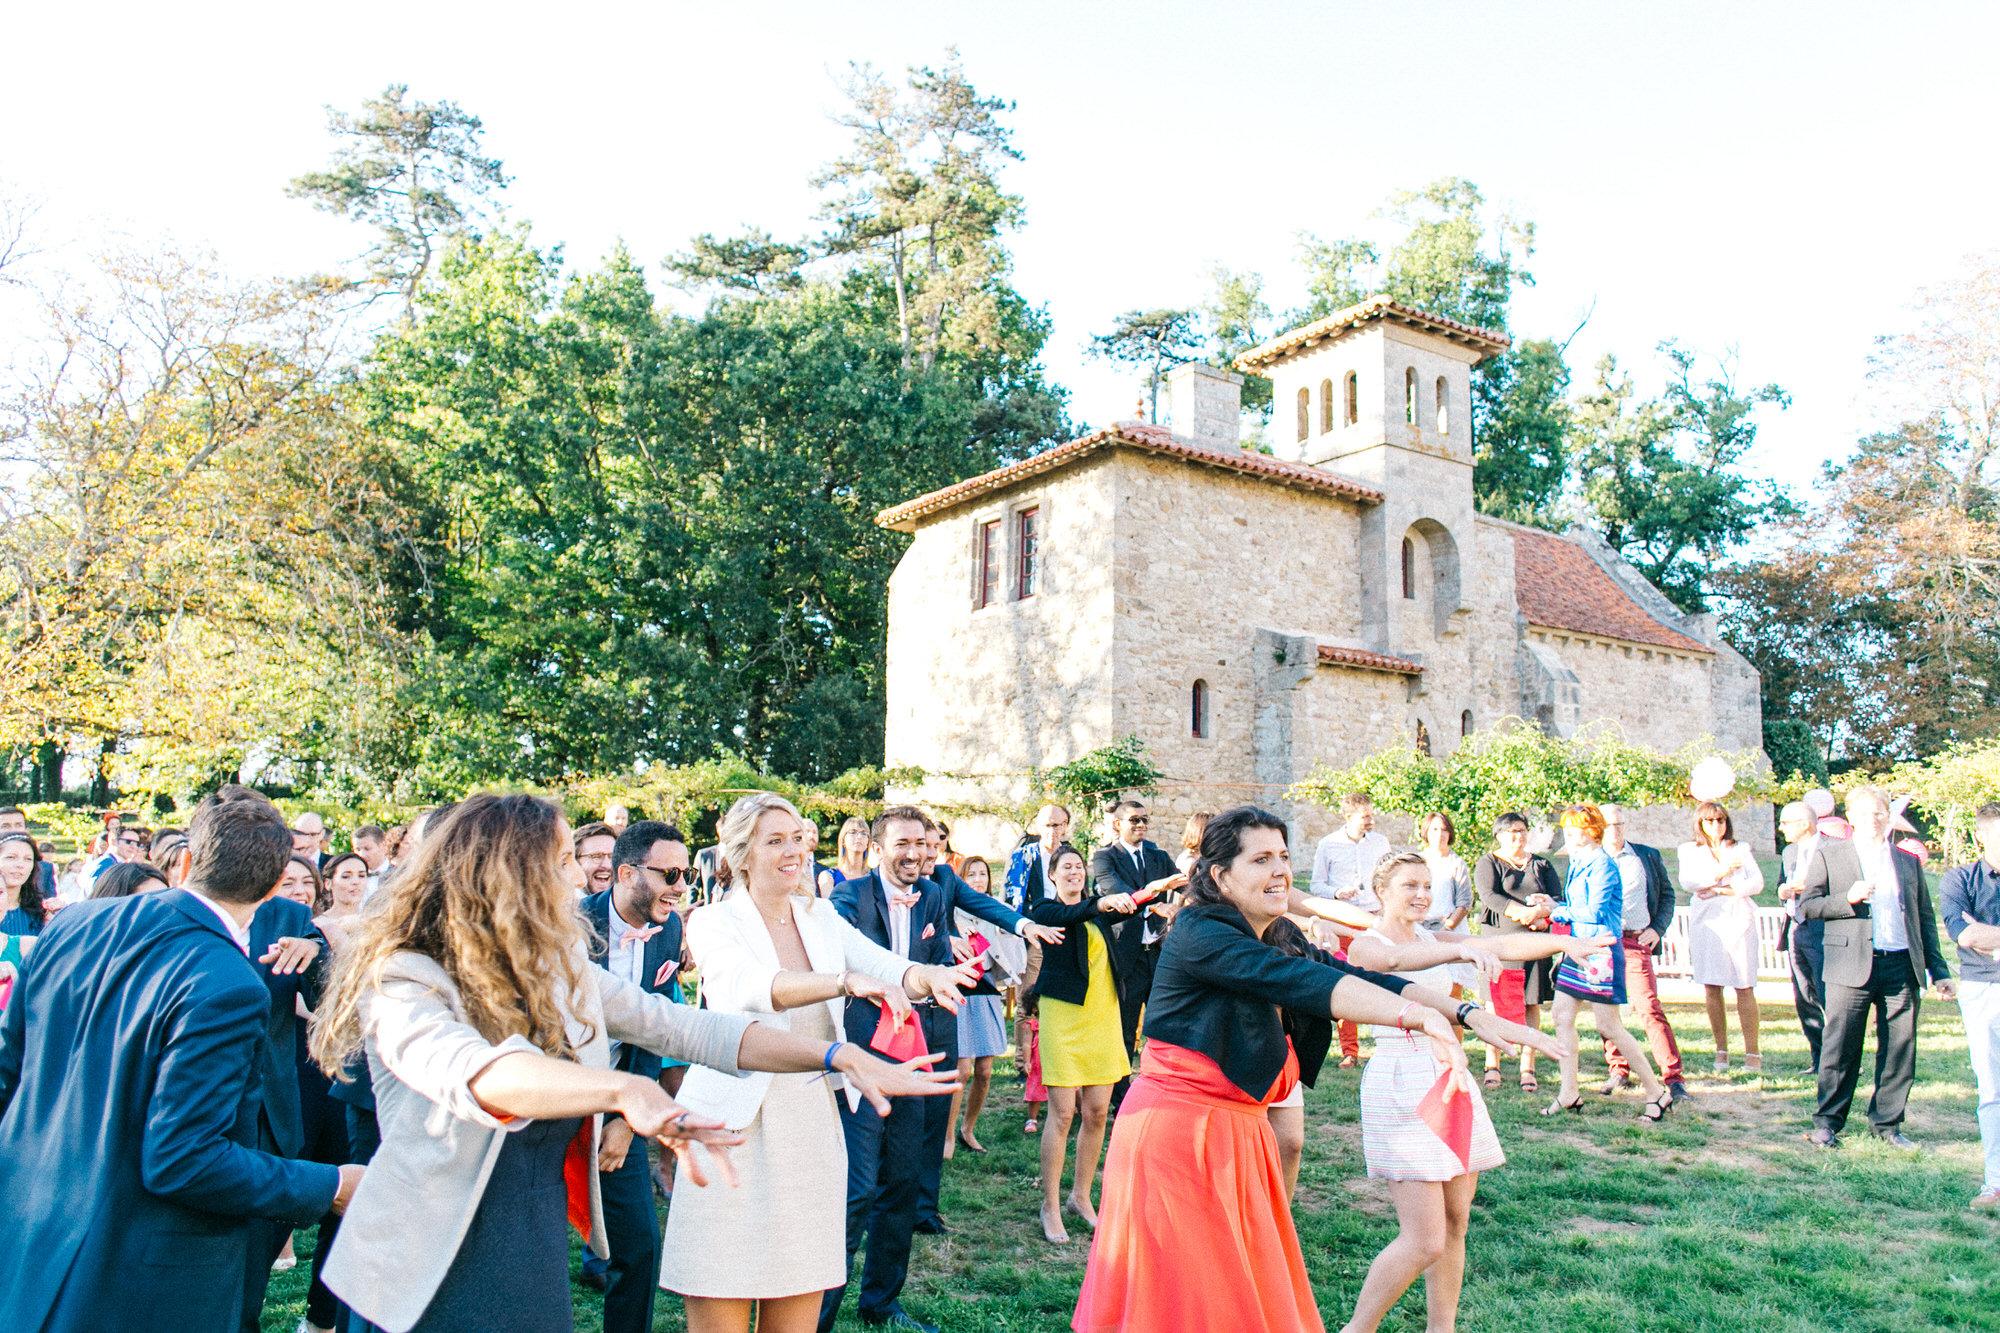 photographe-mariage-la-roche-sur-yon-36